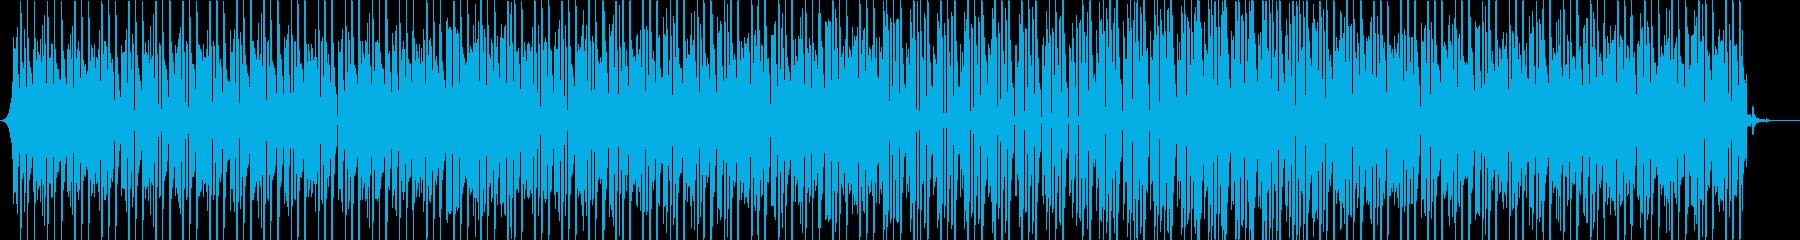 アパレル系映像向けスローアシッドハウスの再生済みの波形